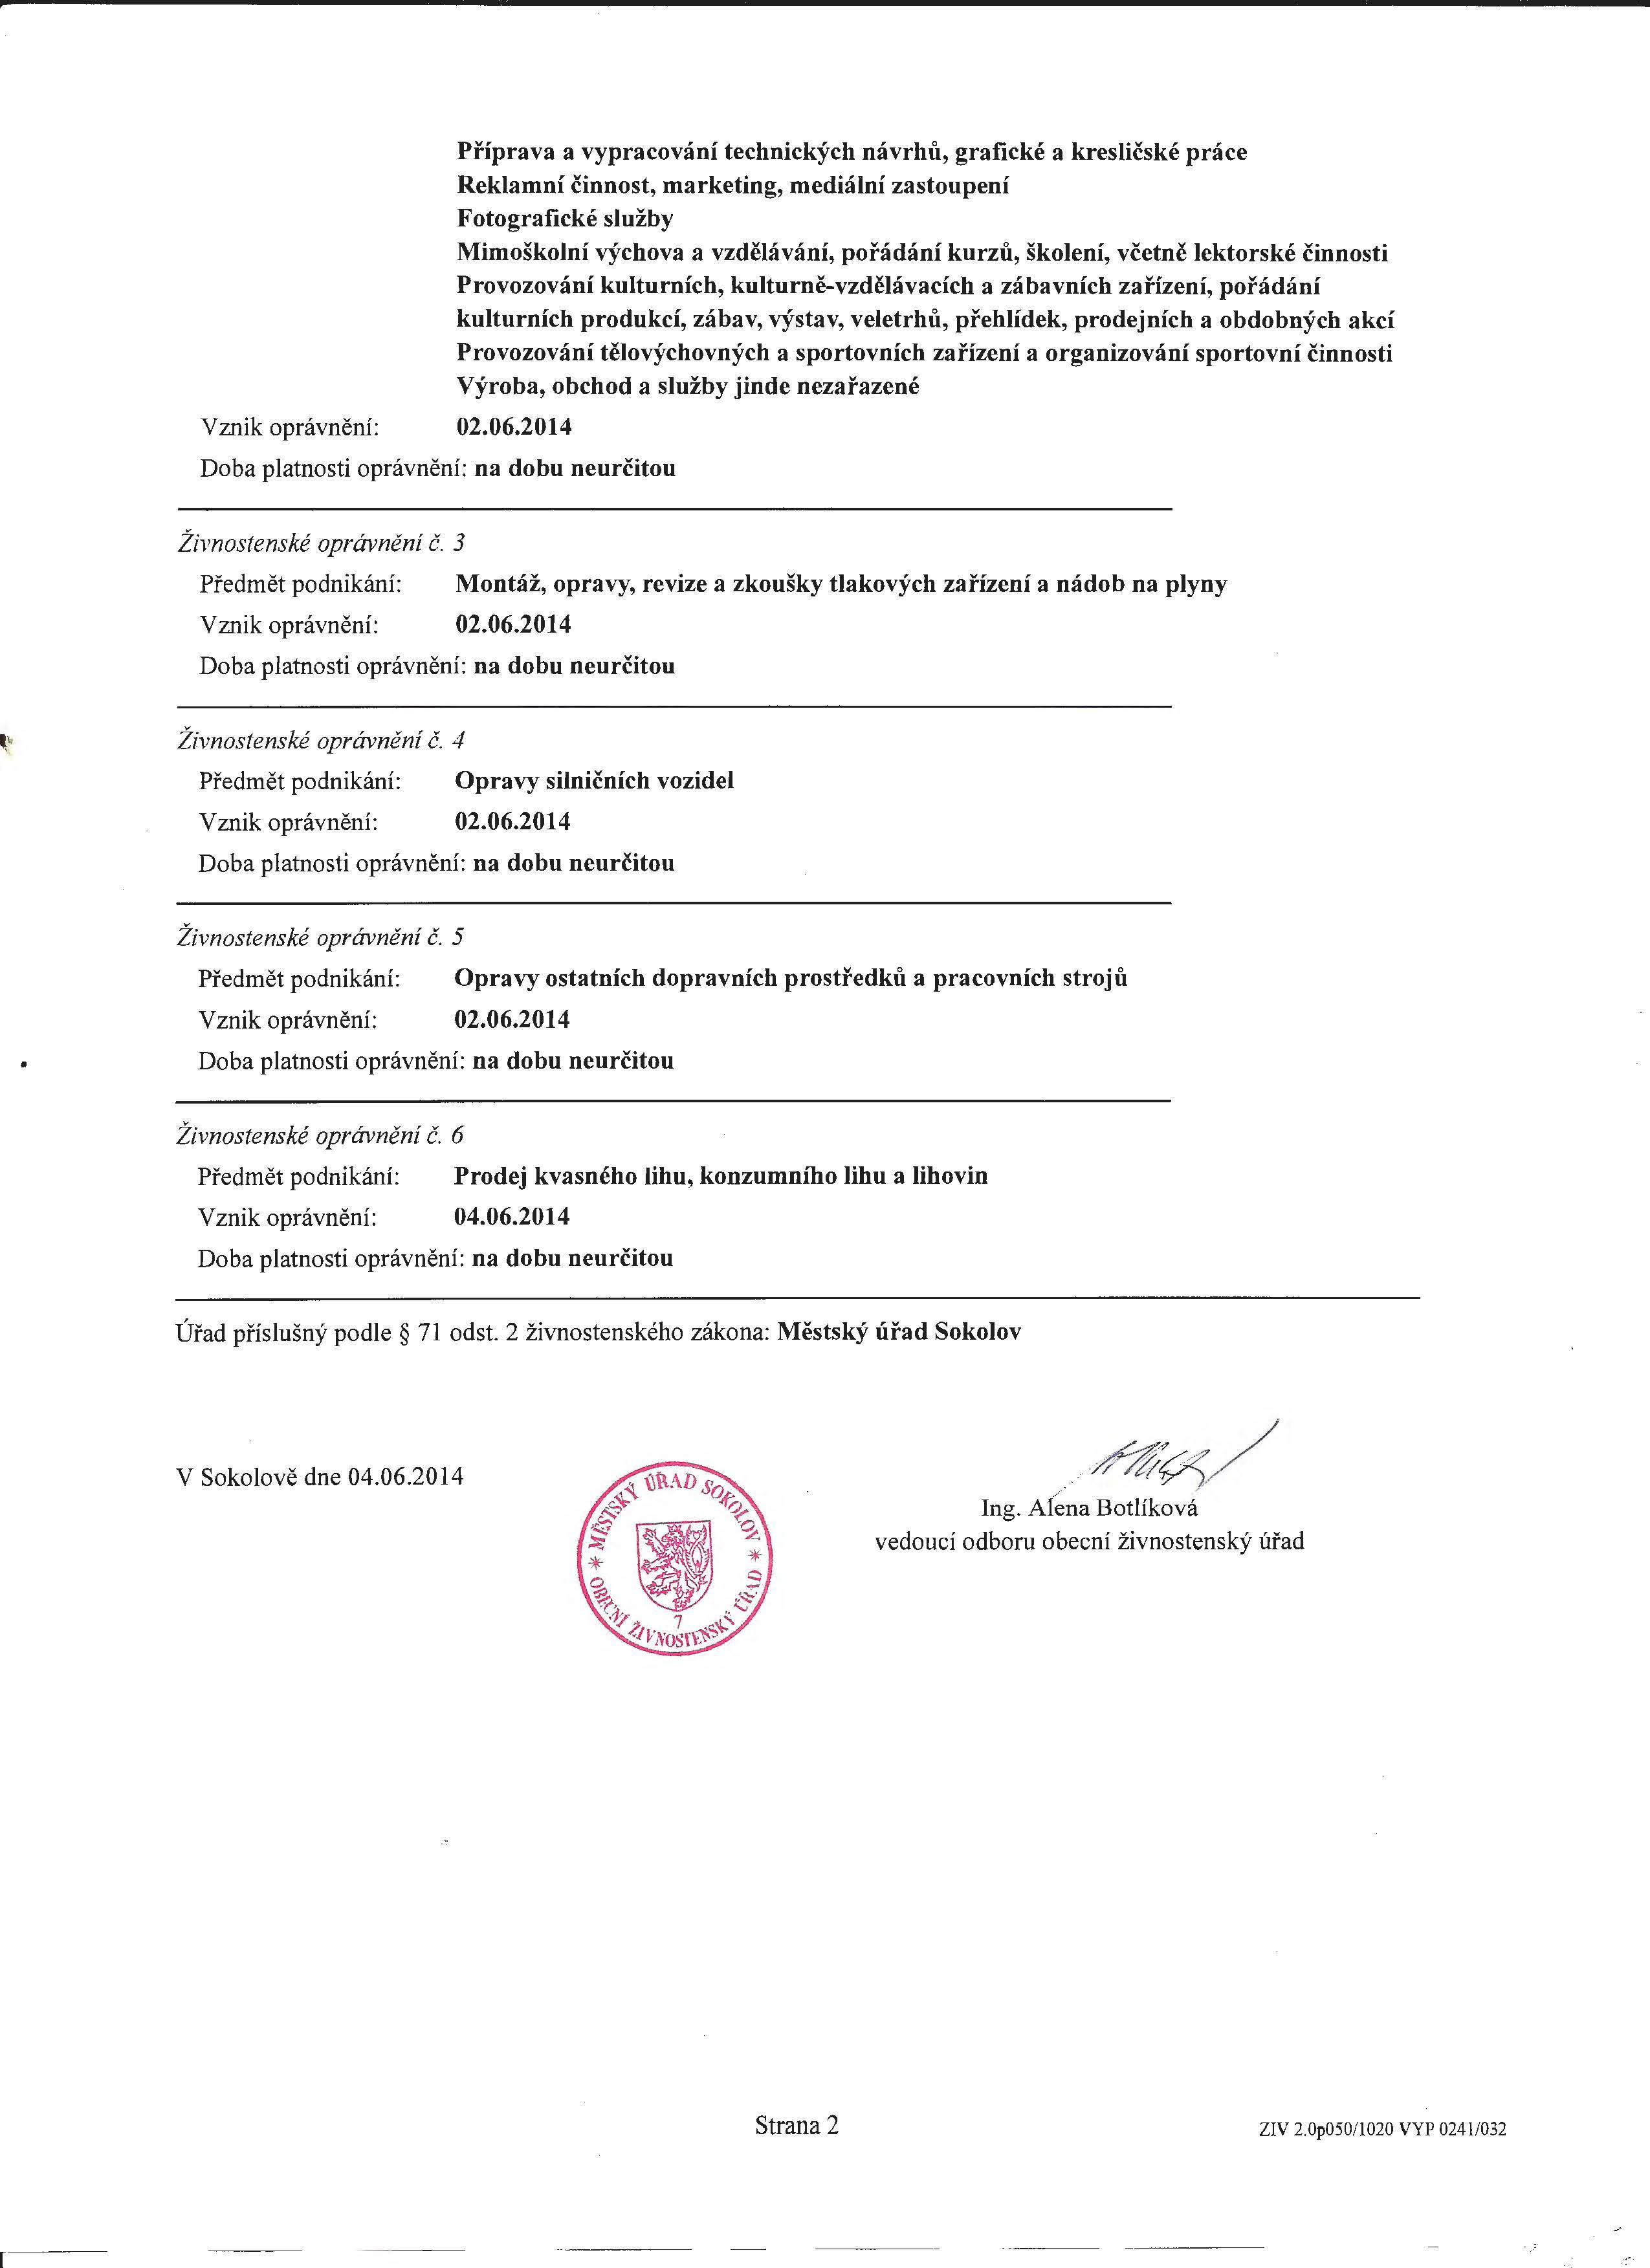 Výpis z živnostenského rejstříku, živnosti volné a řemeslné_Stránka_2